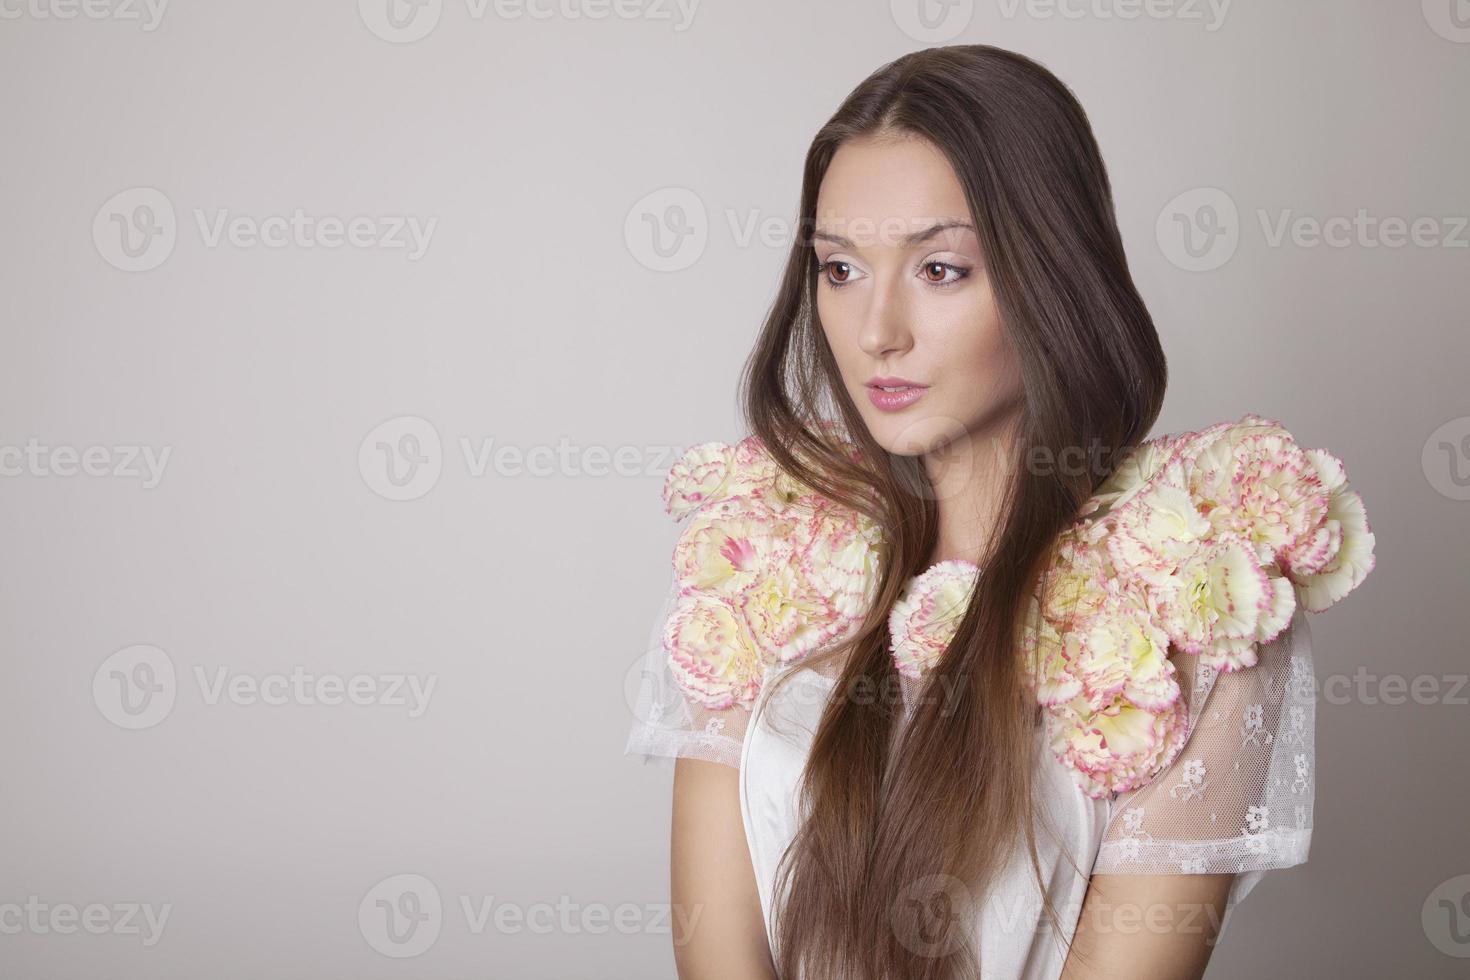 retrato da beleza de uma jovem morena, primavera. foto